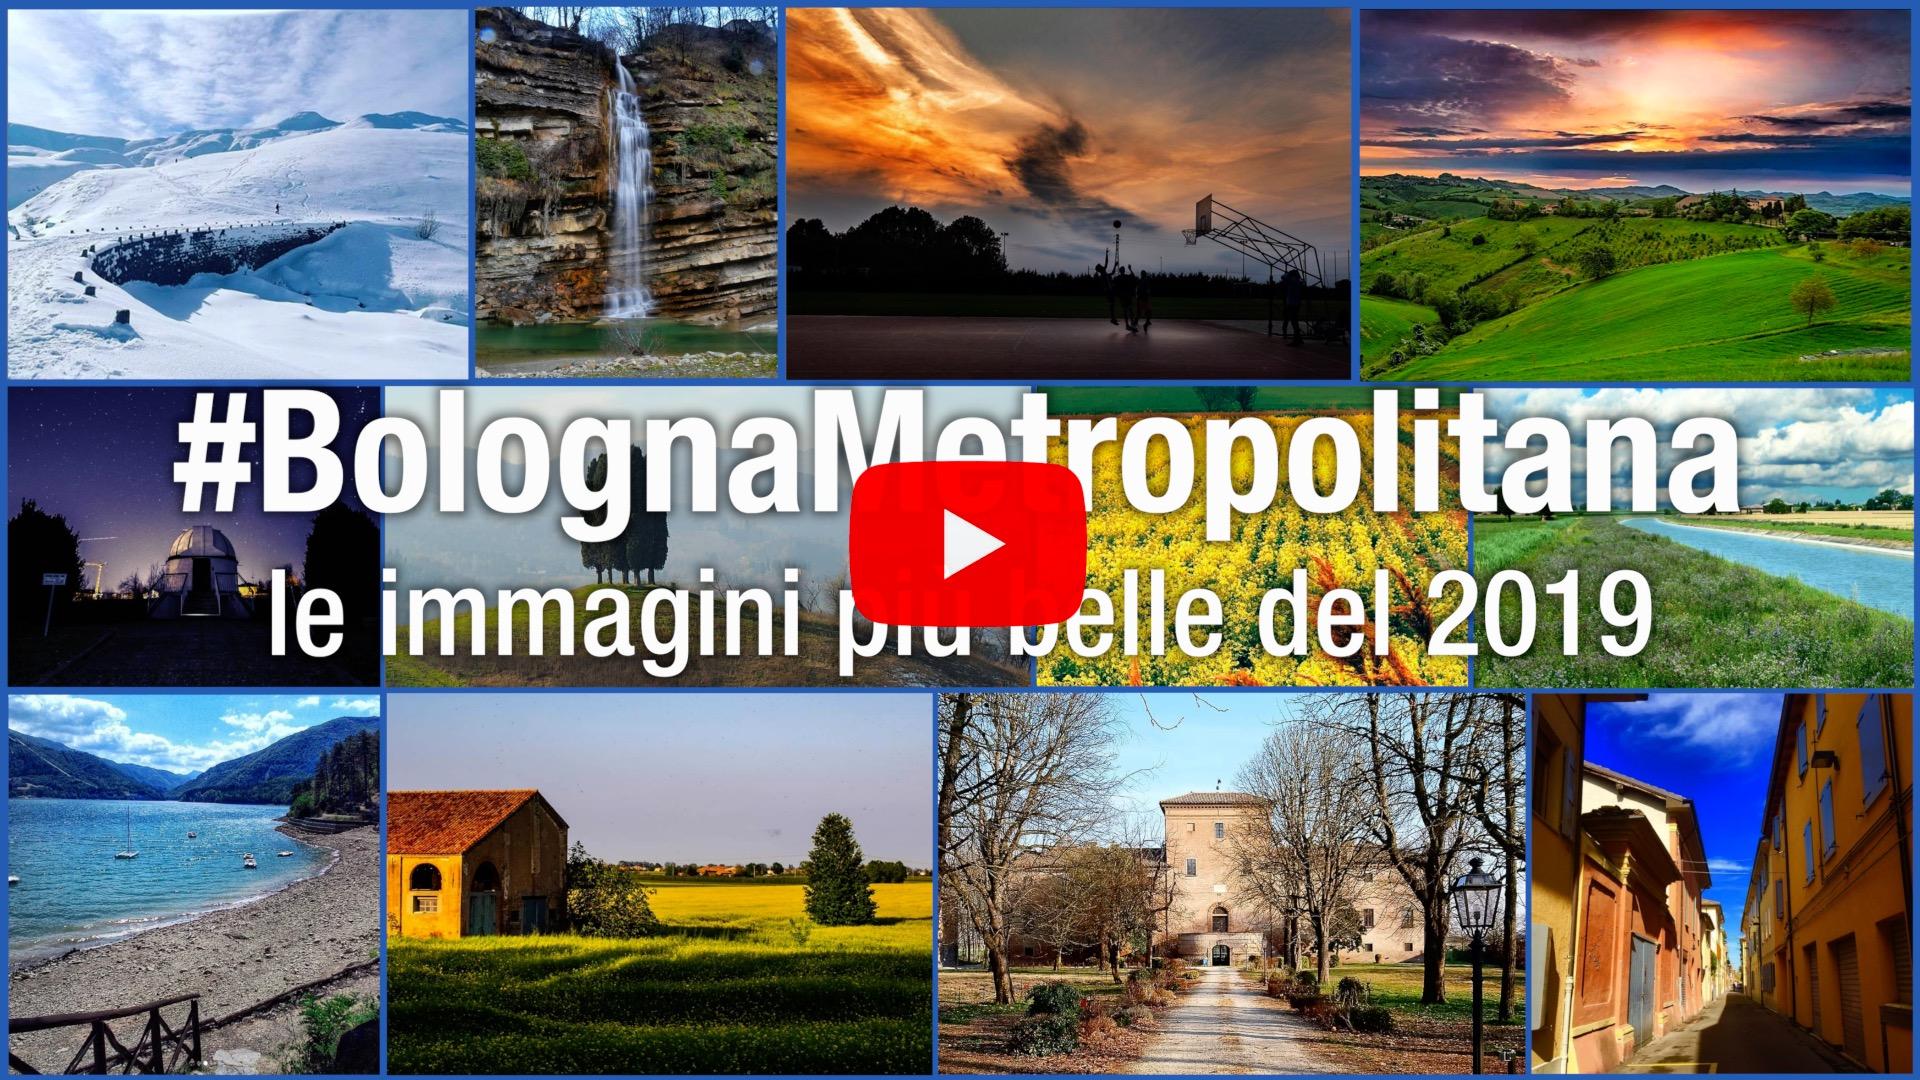 #BolognaMetropolitana - Le immagini più belle del 2019